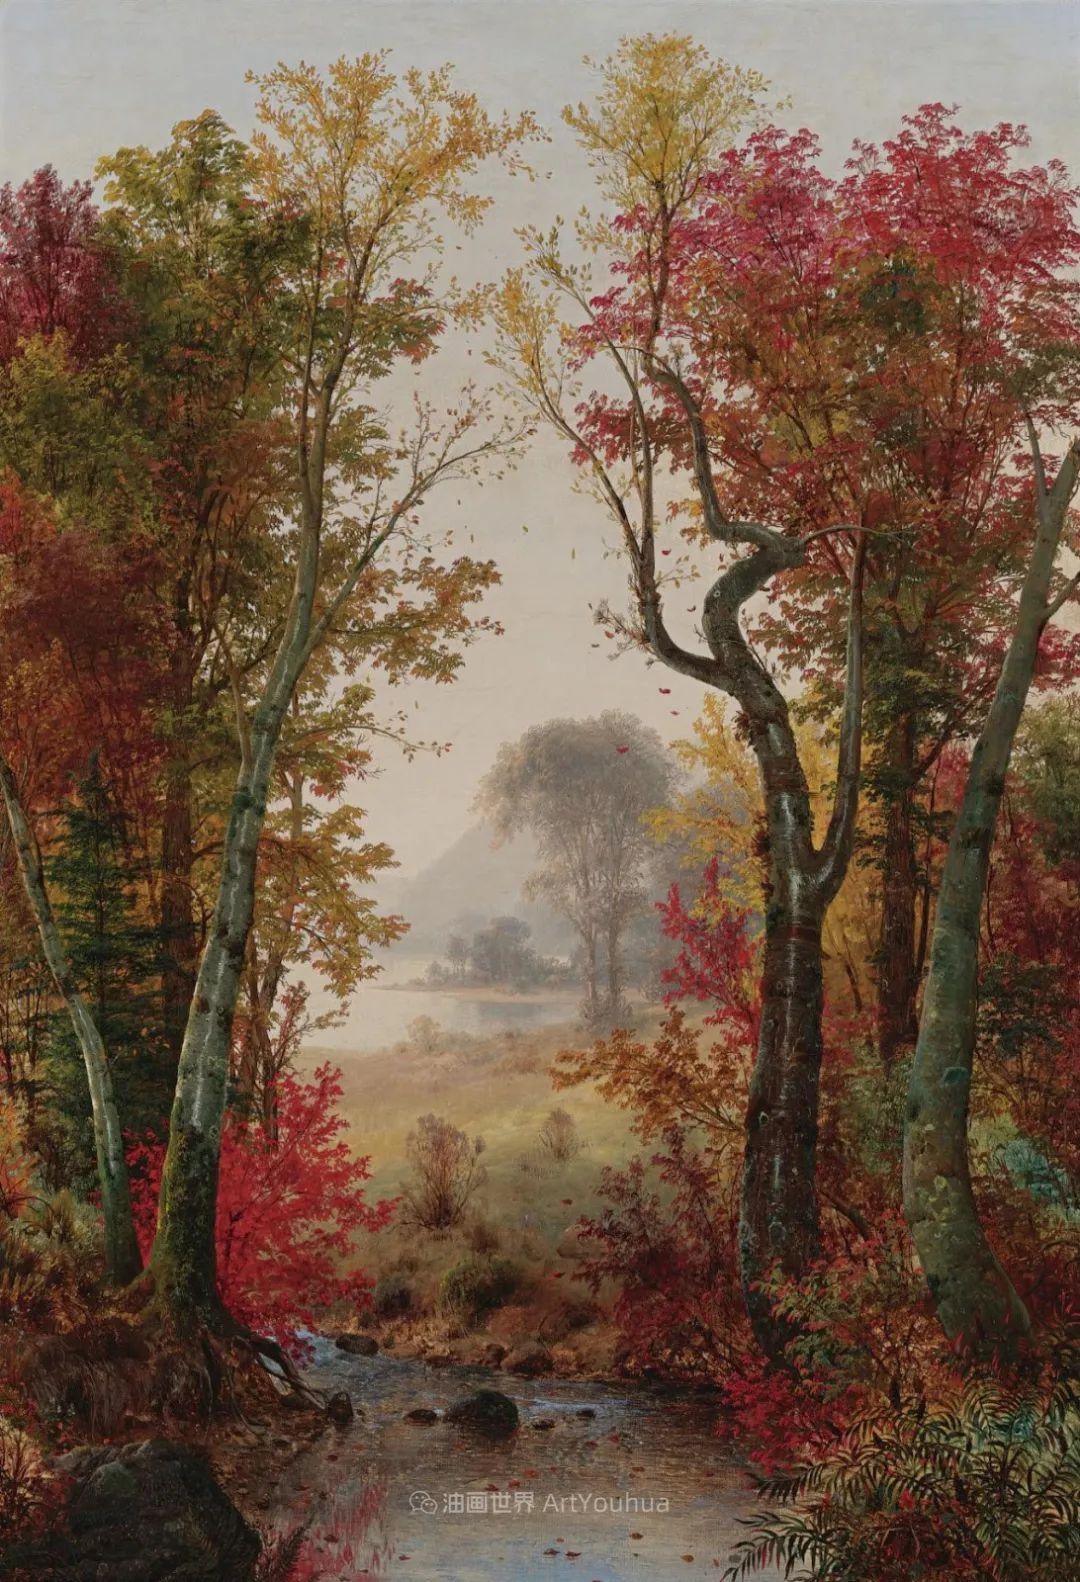 他的风景独具一格,大气、绚丽!美国画家路易斯·米格诺特插图61